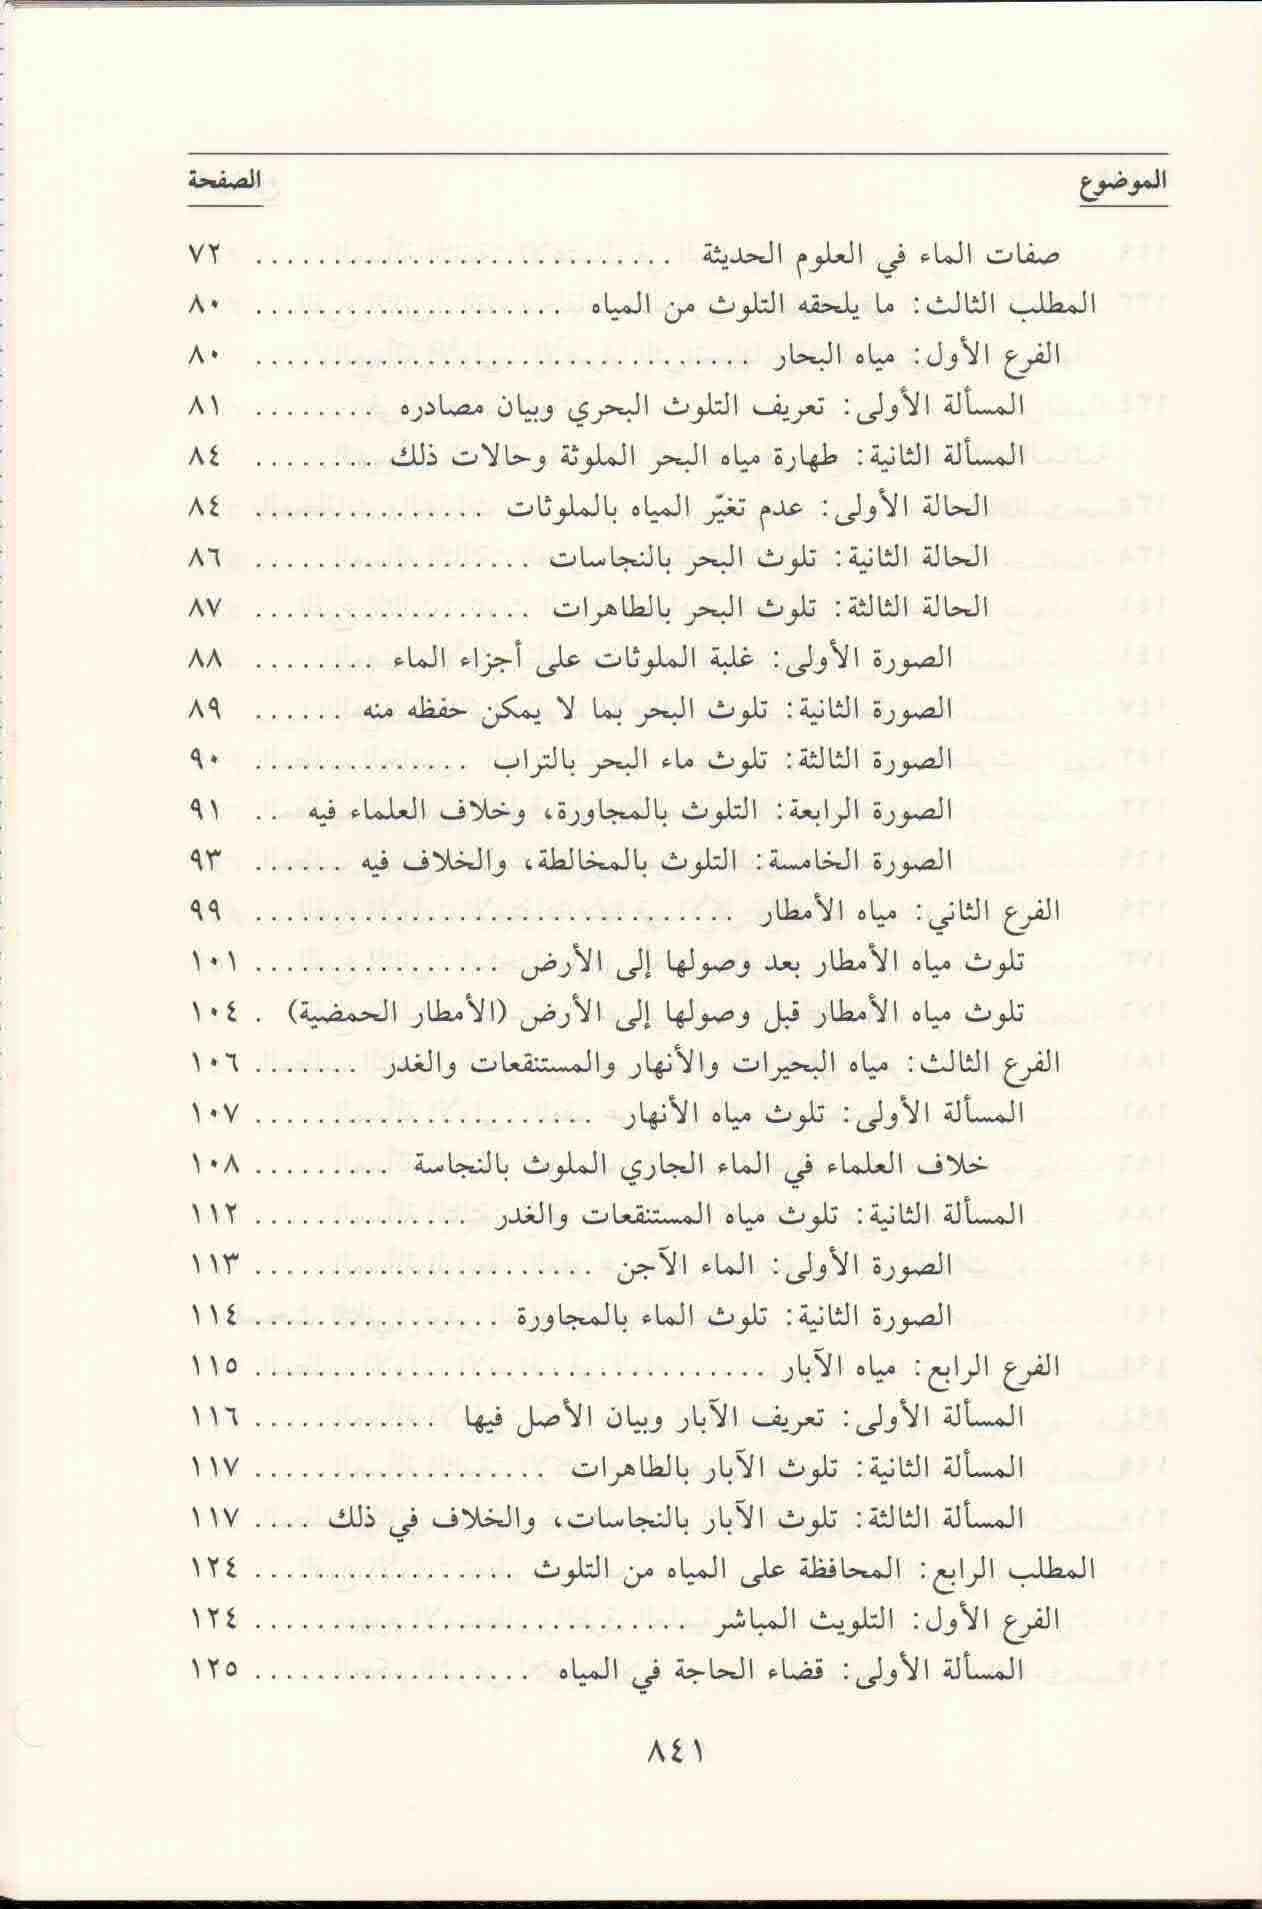 ص 841 محتويات كتاب أحكام البيئة